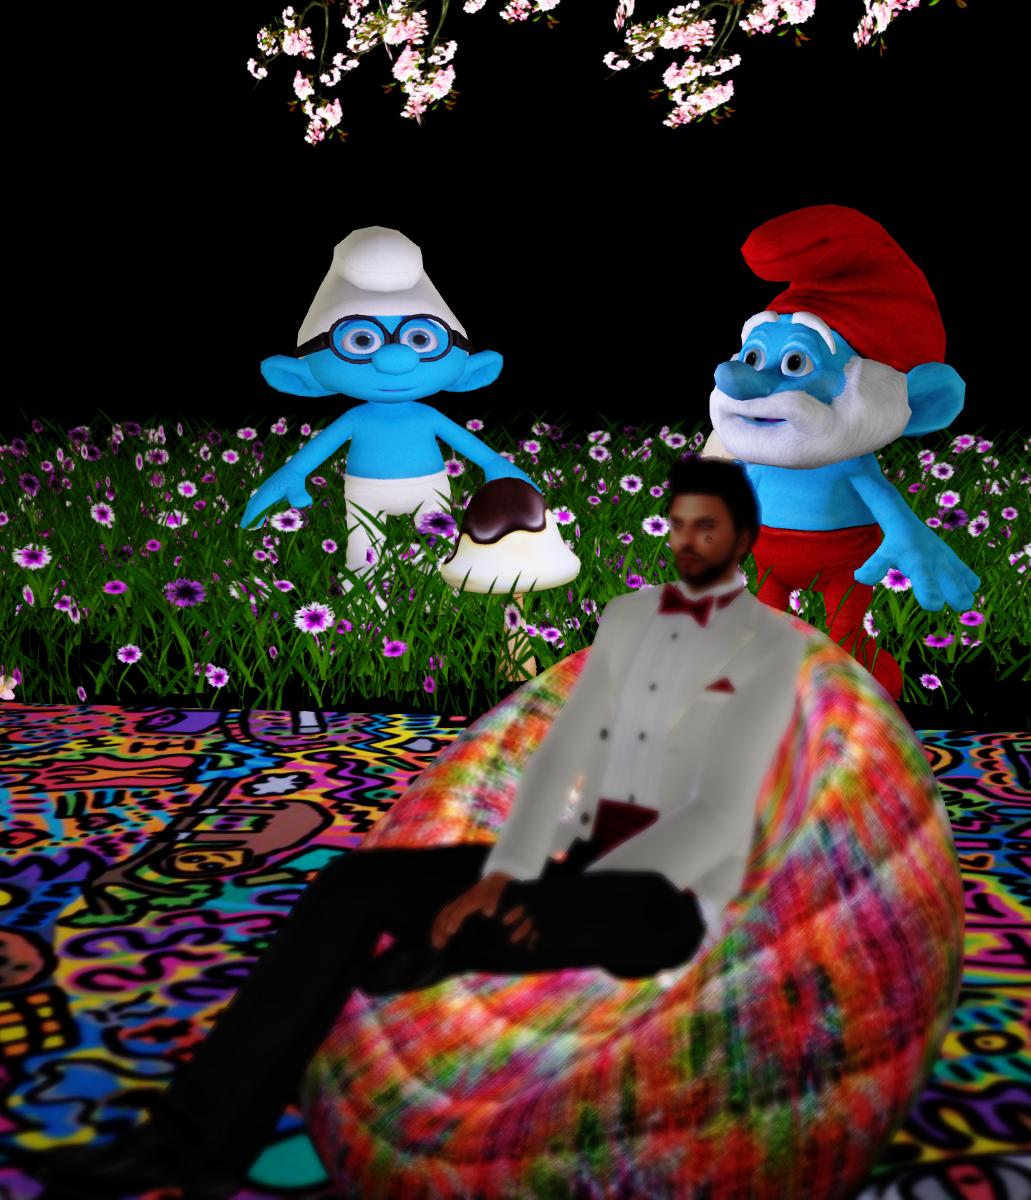 Smurfs in Wonderland